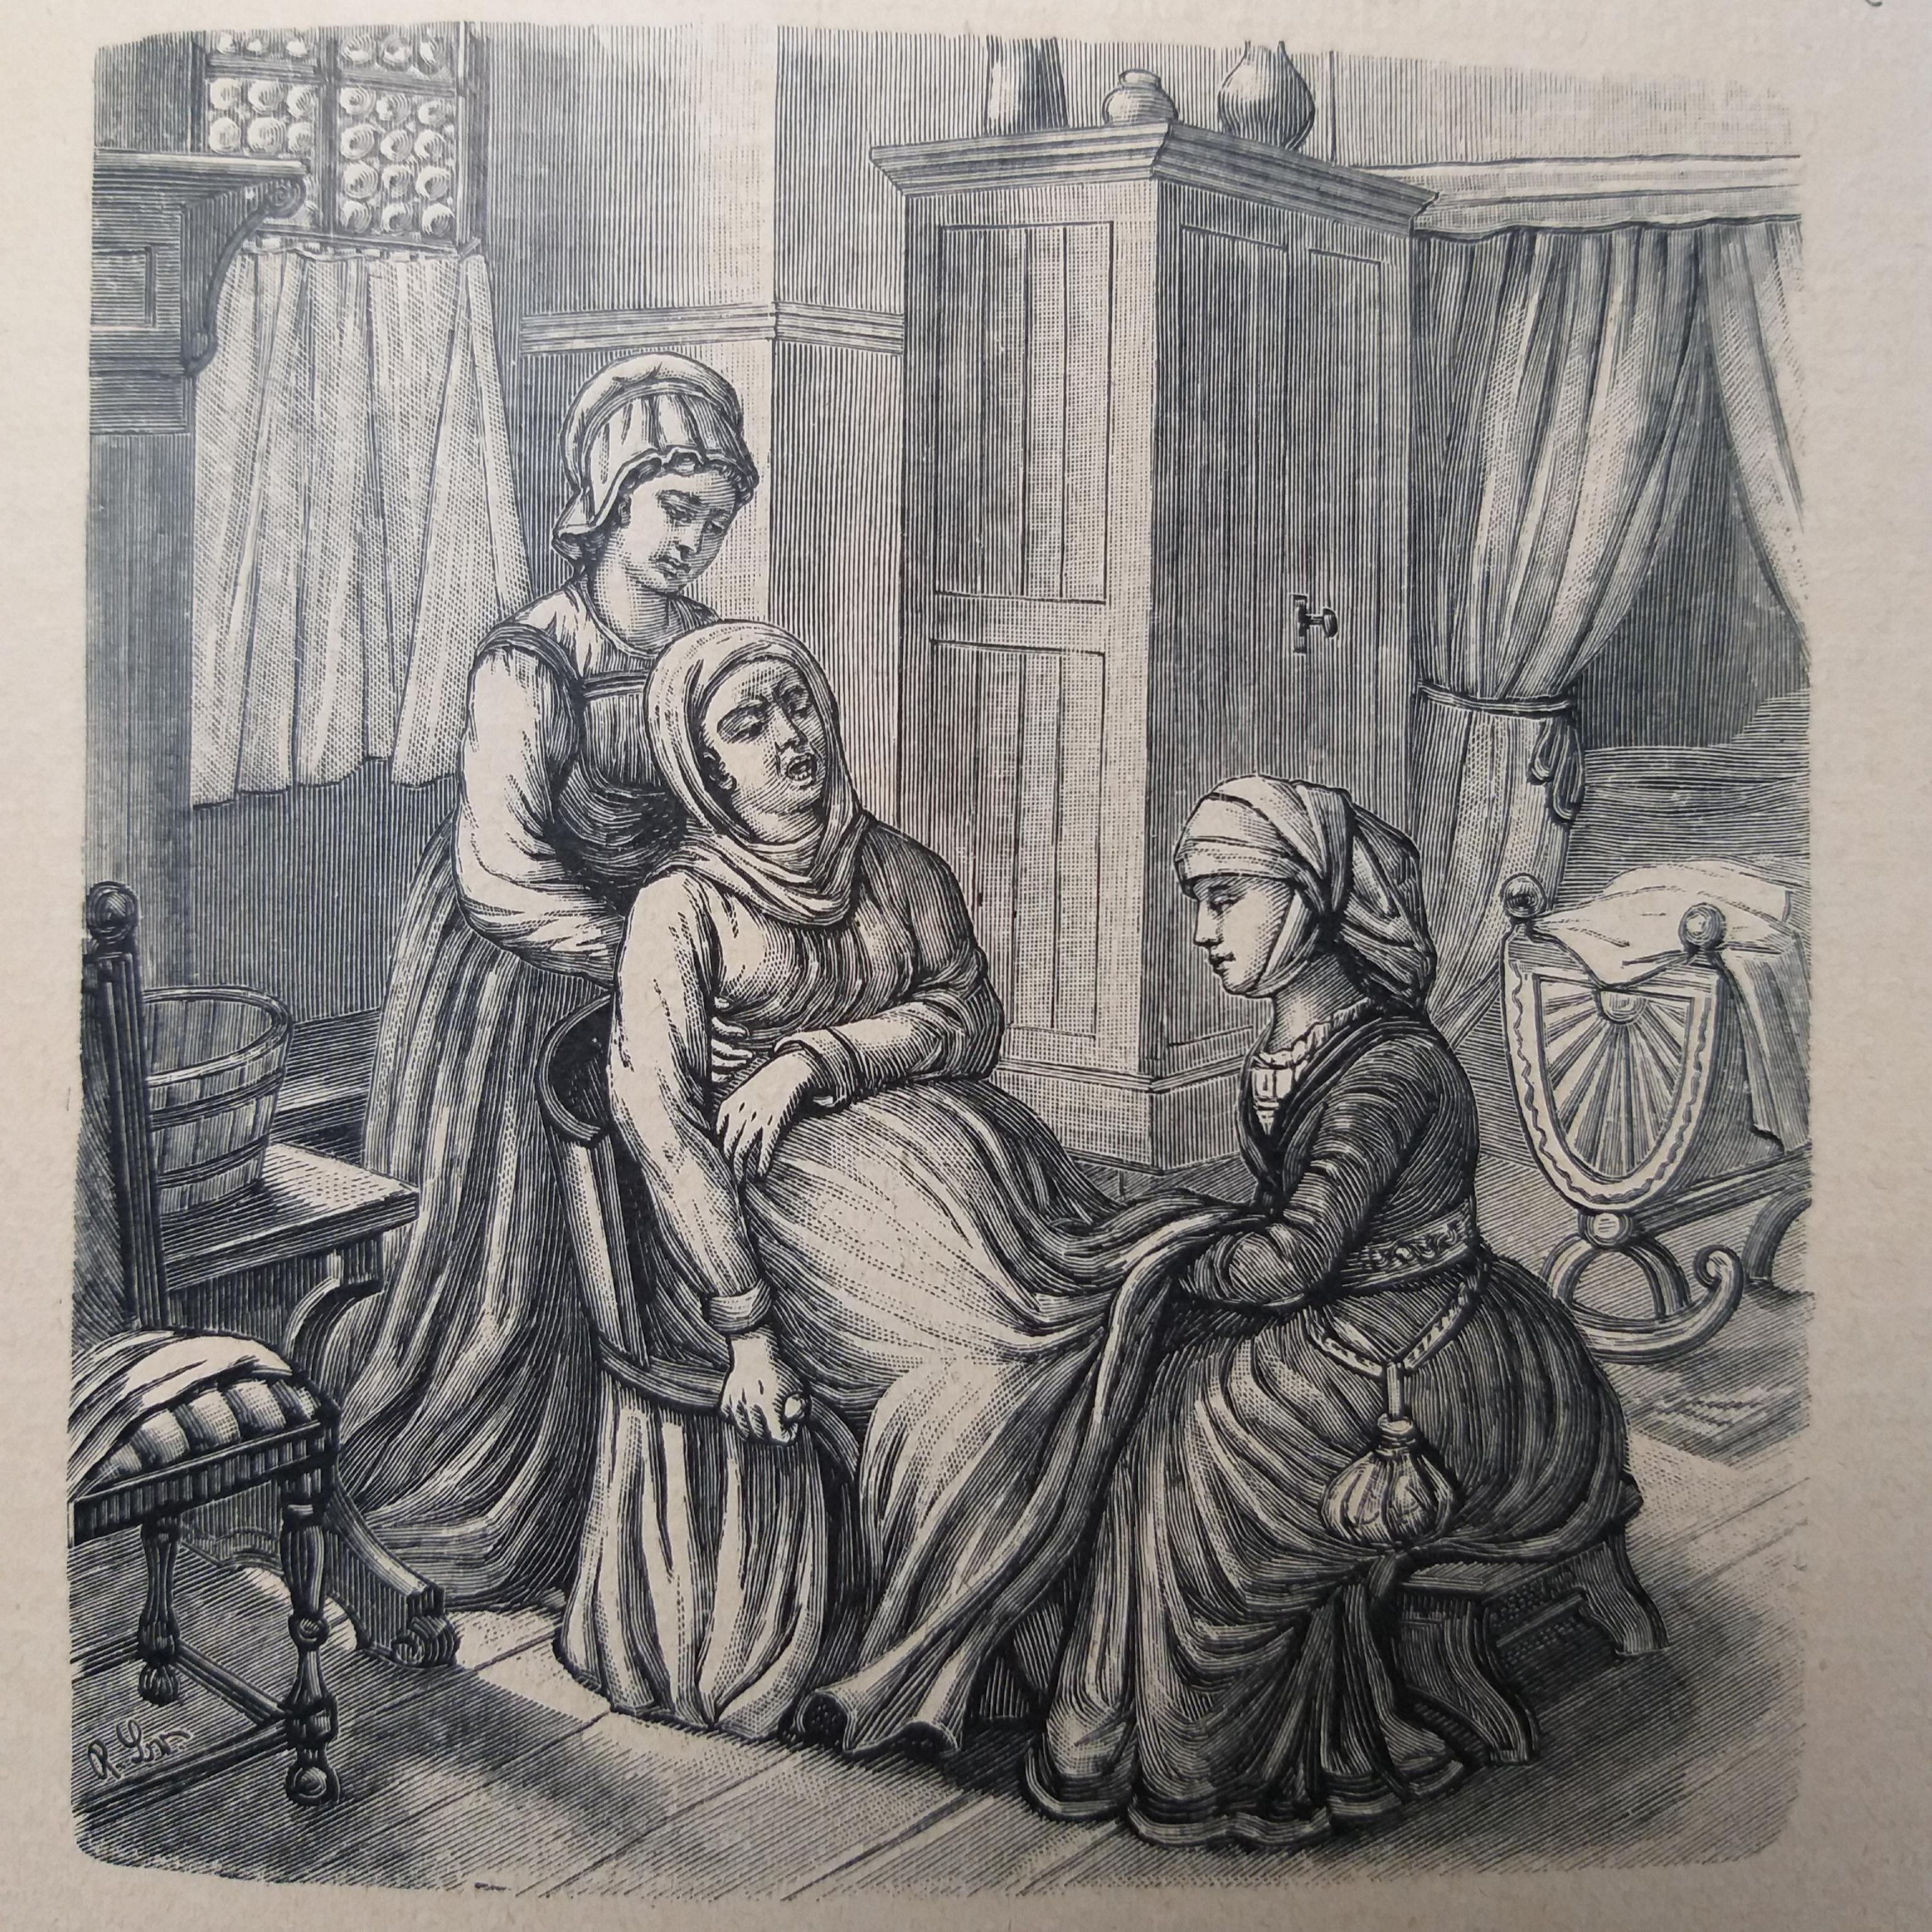 Niederkunft auf dem Geburtsstuhl 1528 mit Doula